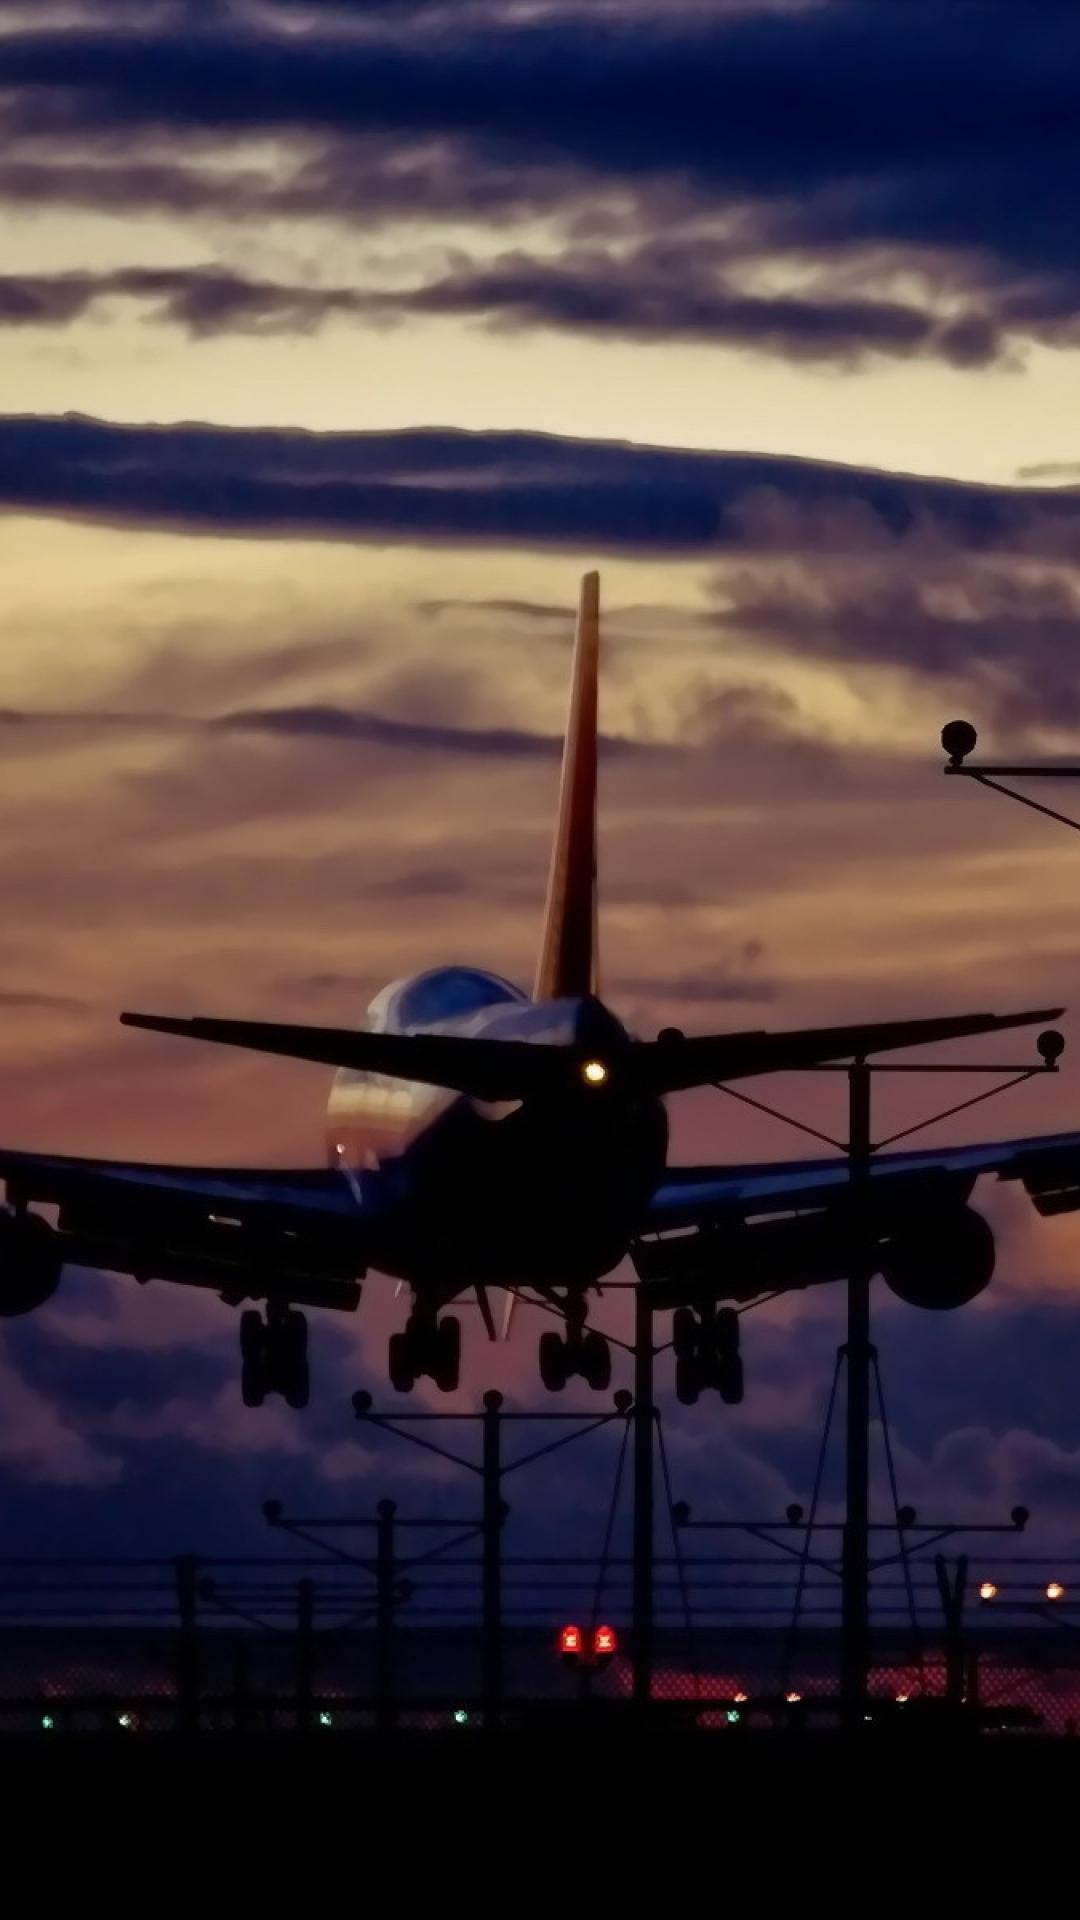 plane taking off night Plane